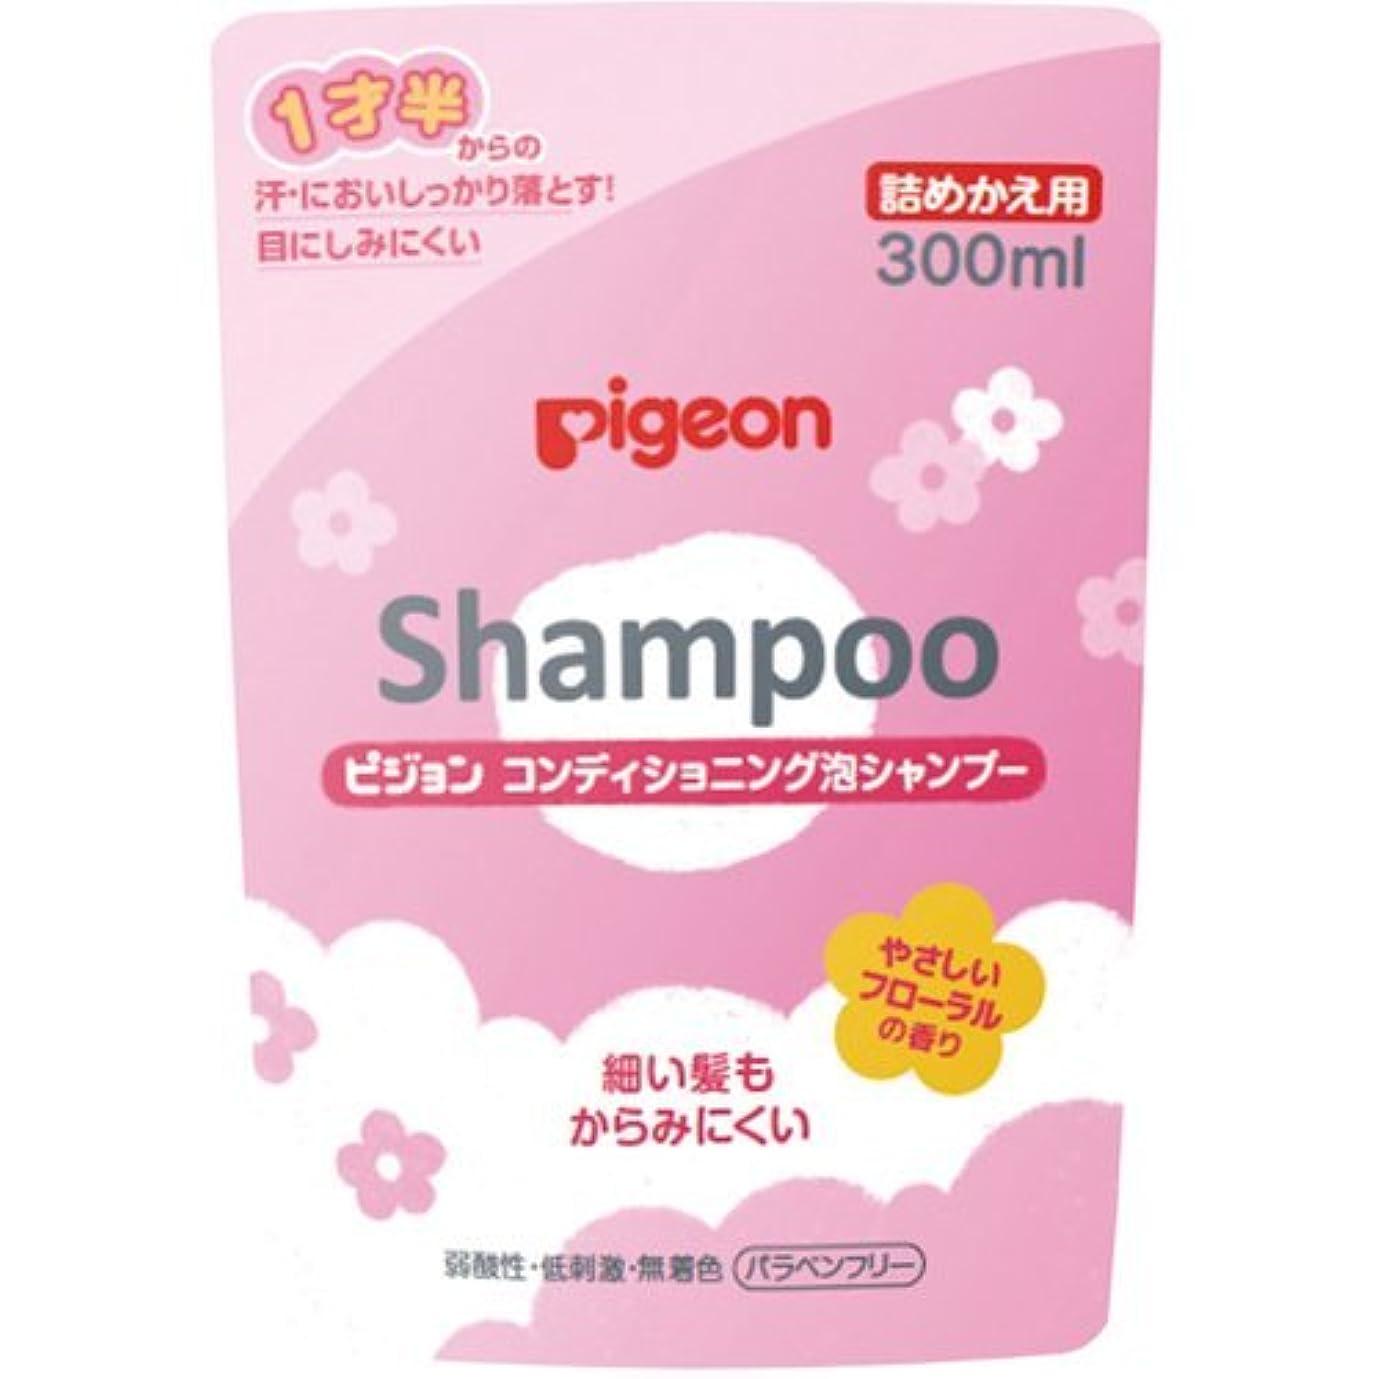 ピジョン コンディショニング泡シャンプー やさしいフローラルの香り 詰めかえ用 300ml